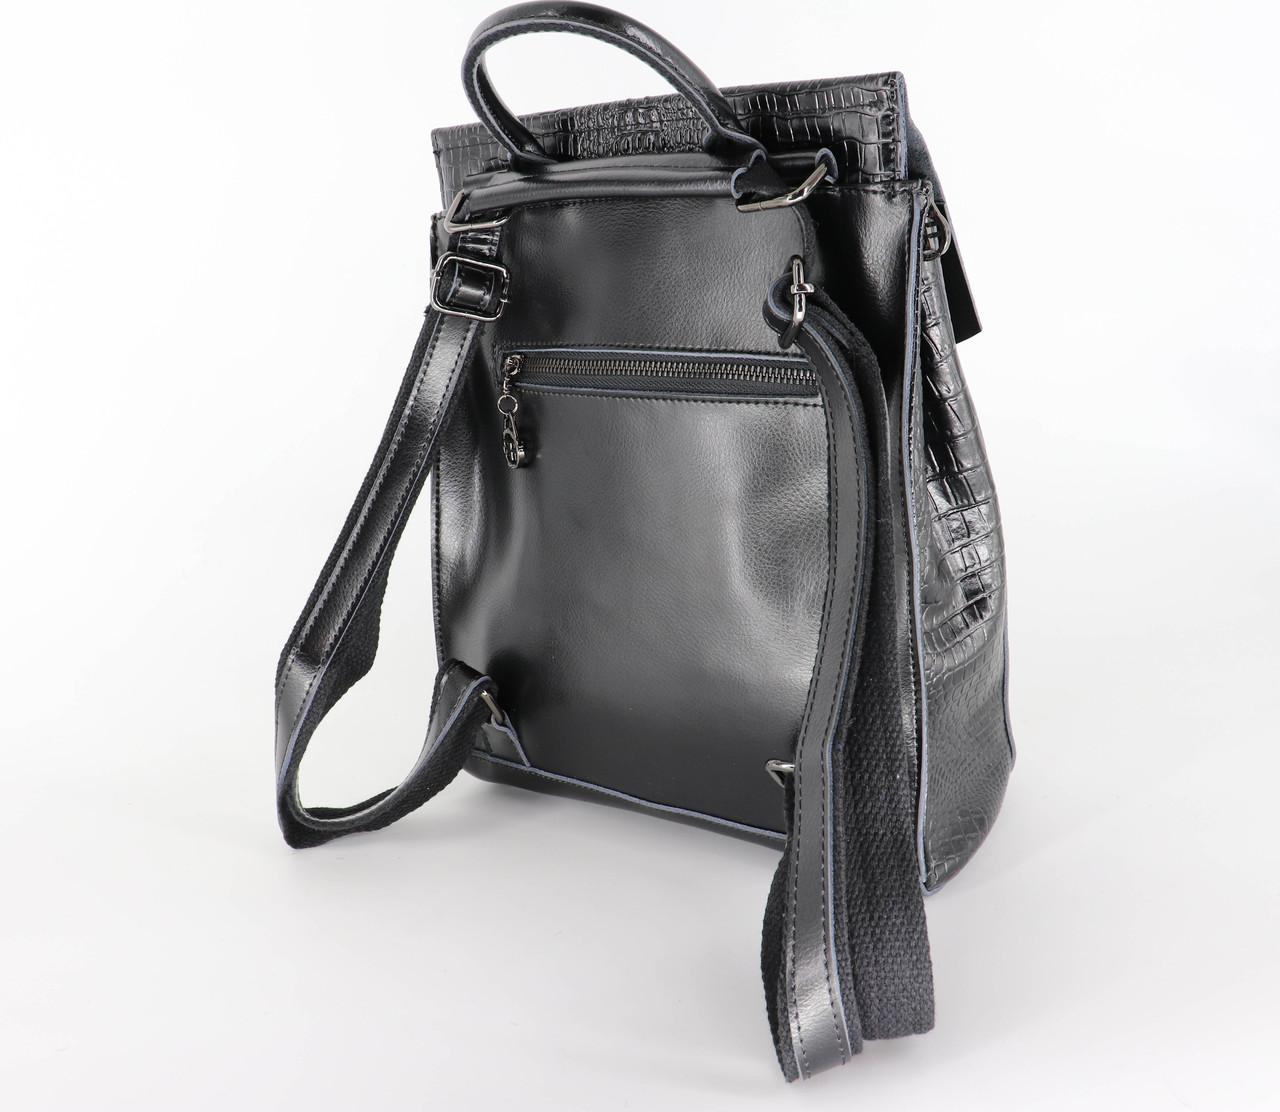 Женский кожаный рюкзак №1608-3VT Black, фото 3